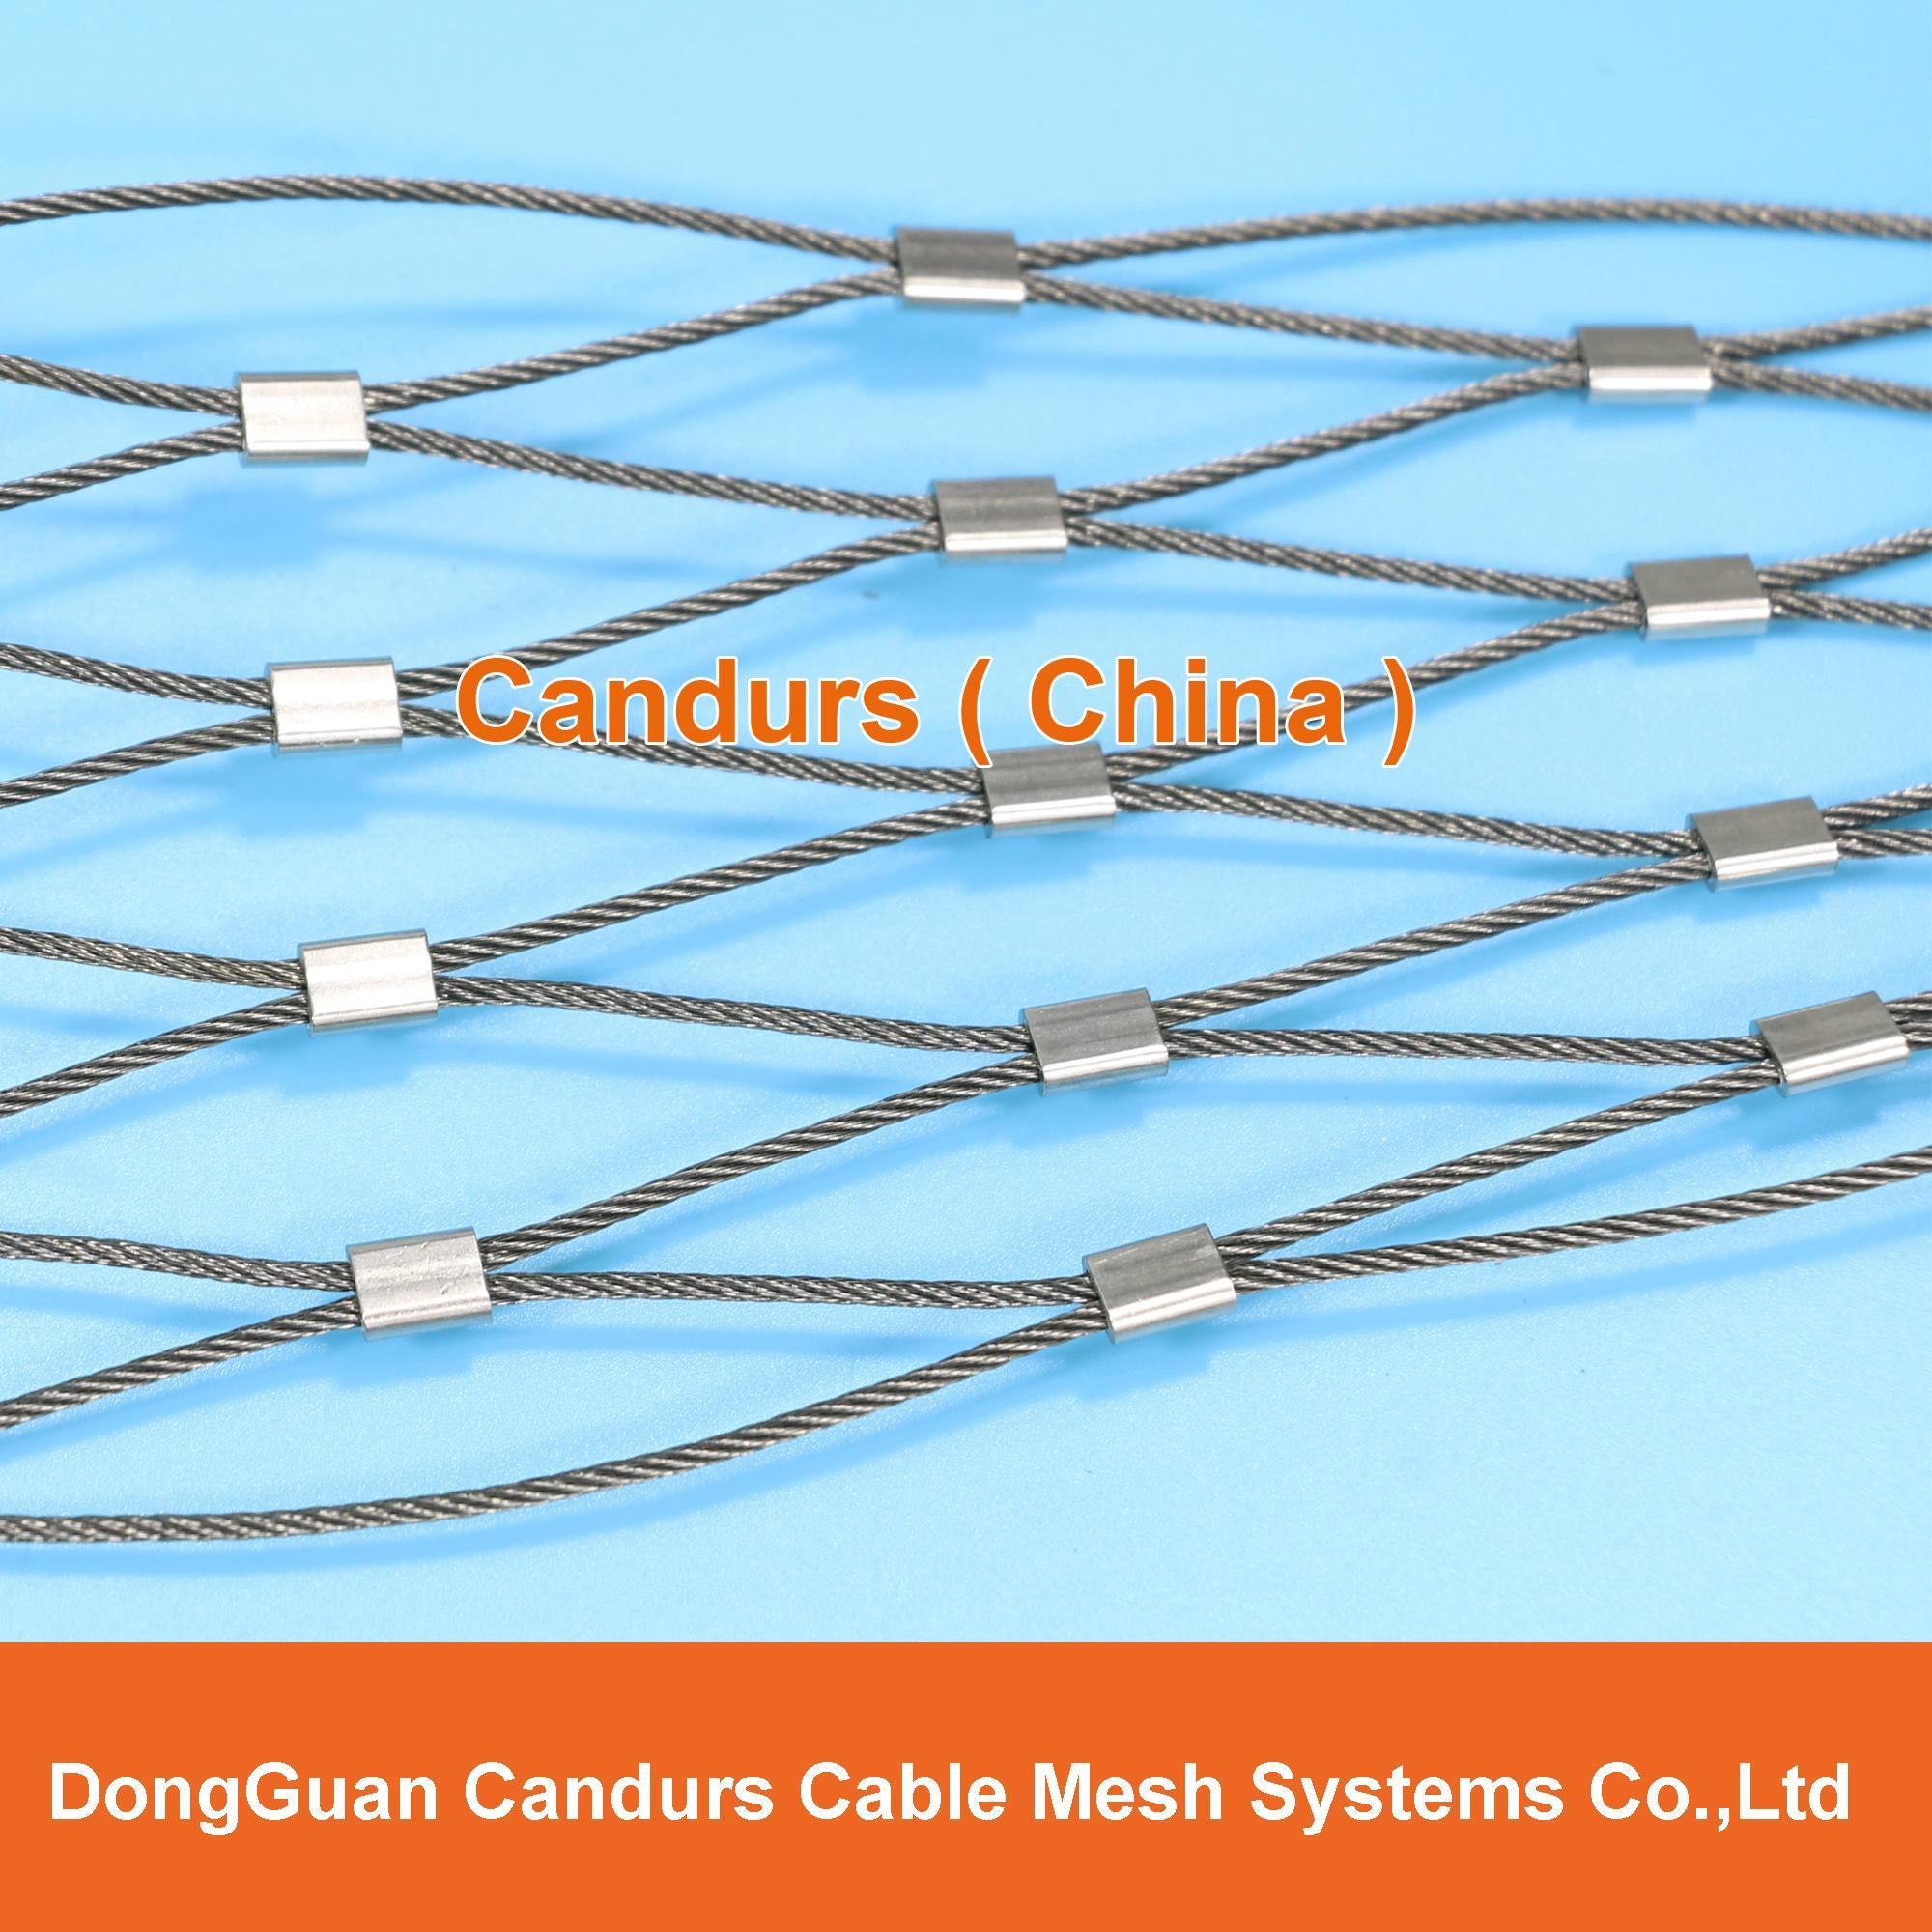 供應不鏽鋼壓扣鋼絲繩網 18